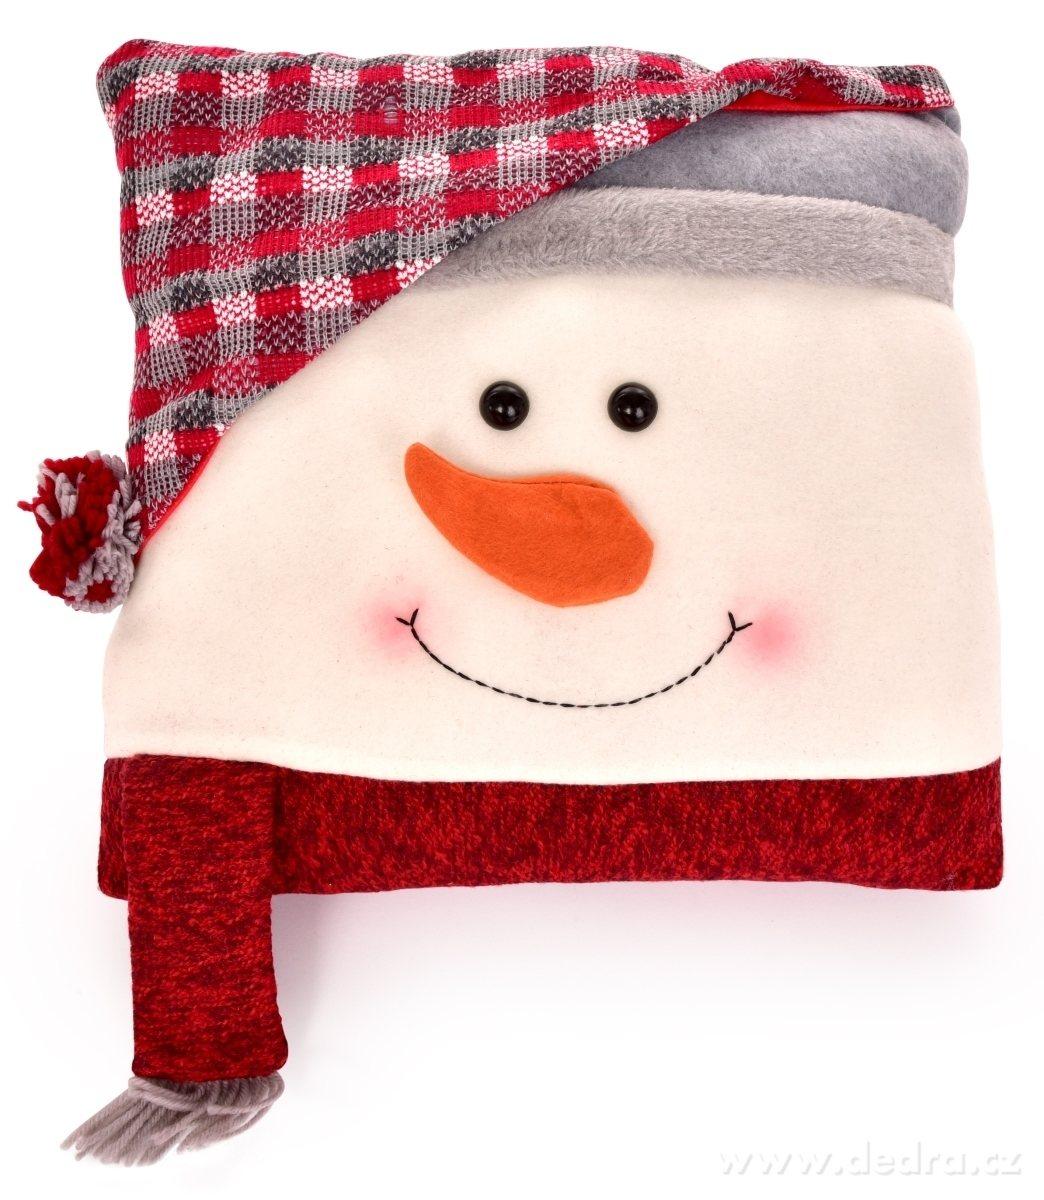 dekorace sněhulák